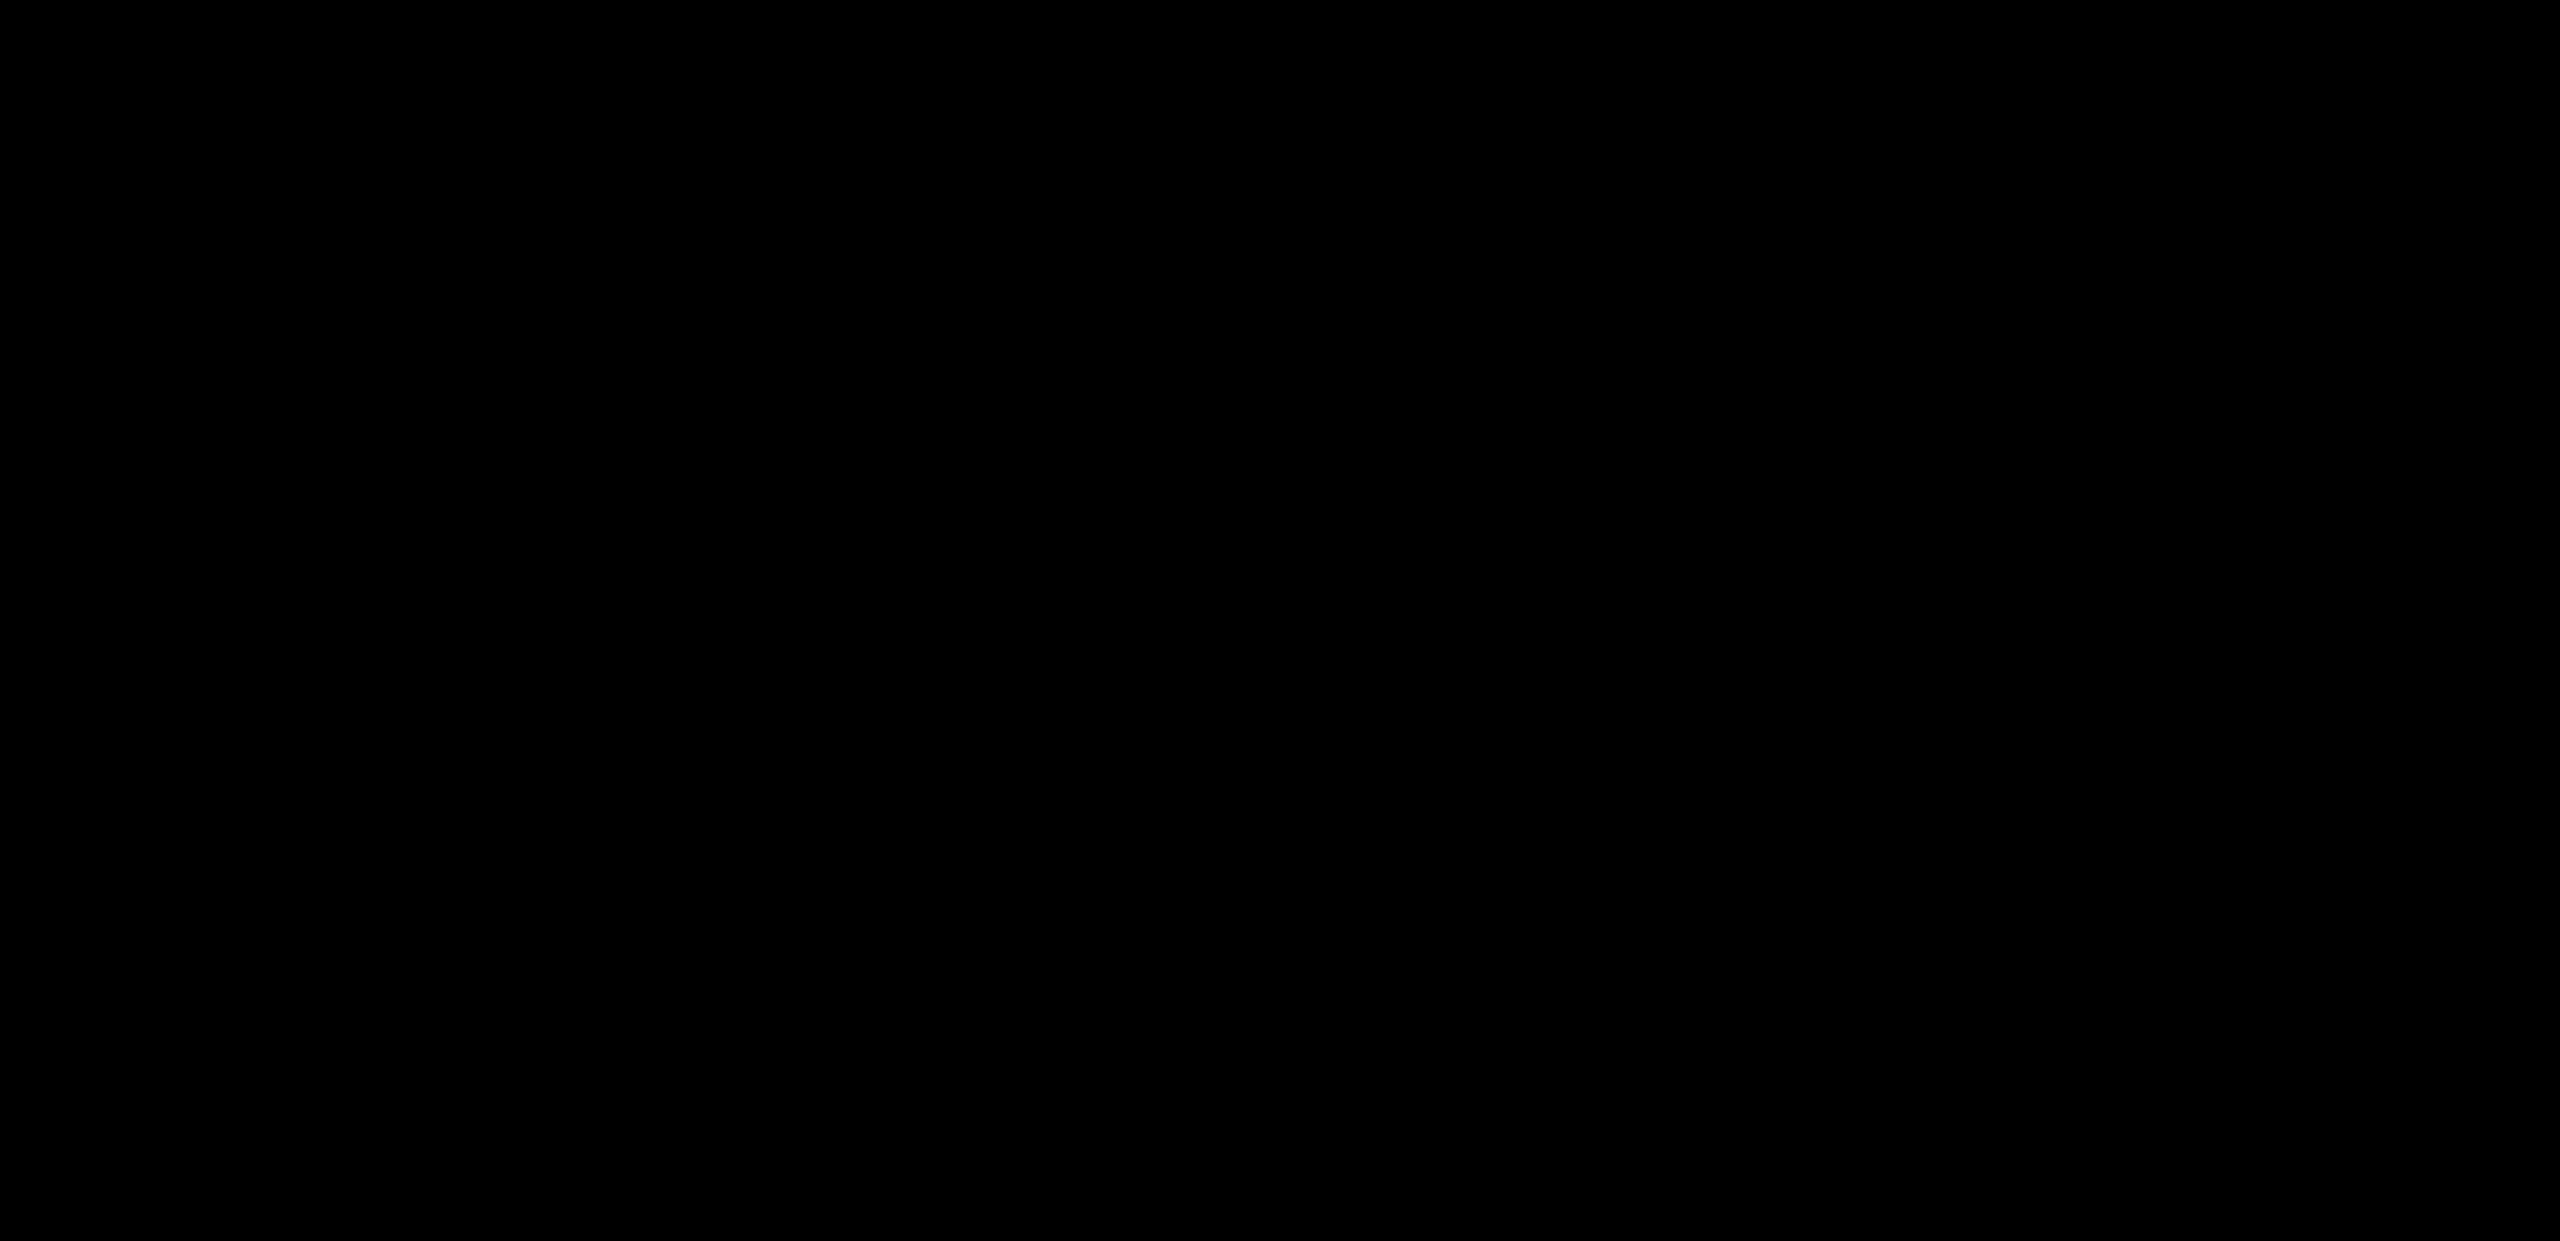 Pokrywka dokuwet 4,75l; 5l; 5,2l transparent (0,3)